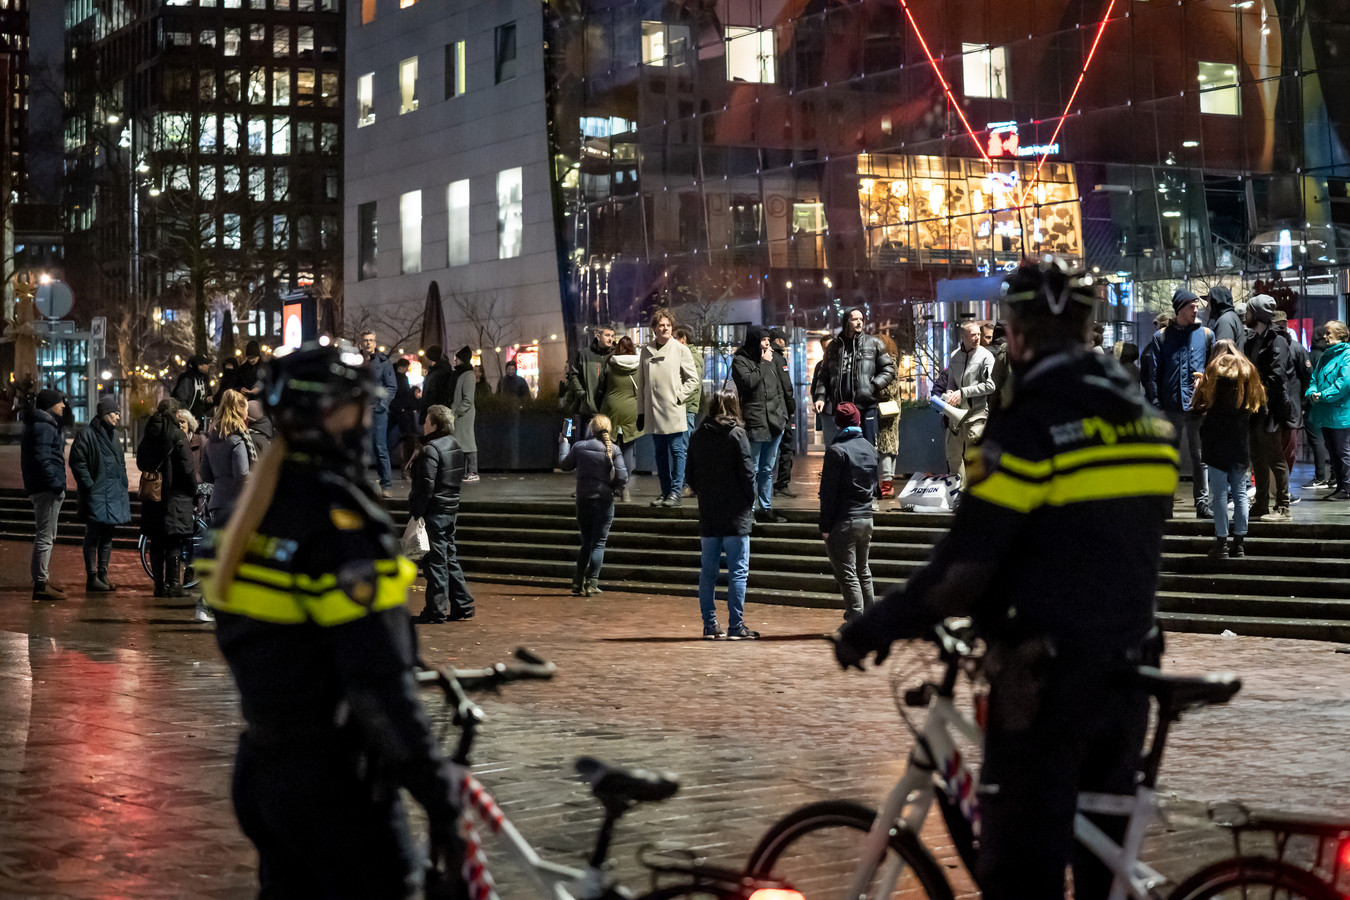 Enkele tientallen demonstranten verzamelden zich voor de Markthal in het centrum van Rotterdam.